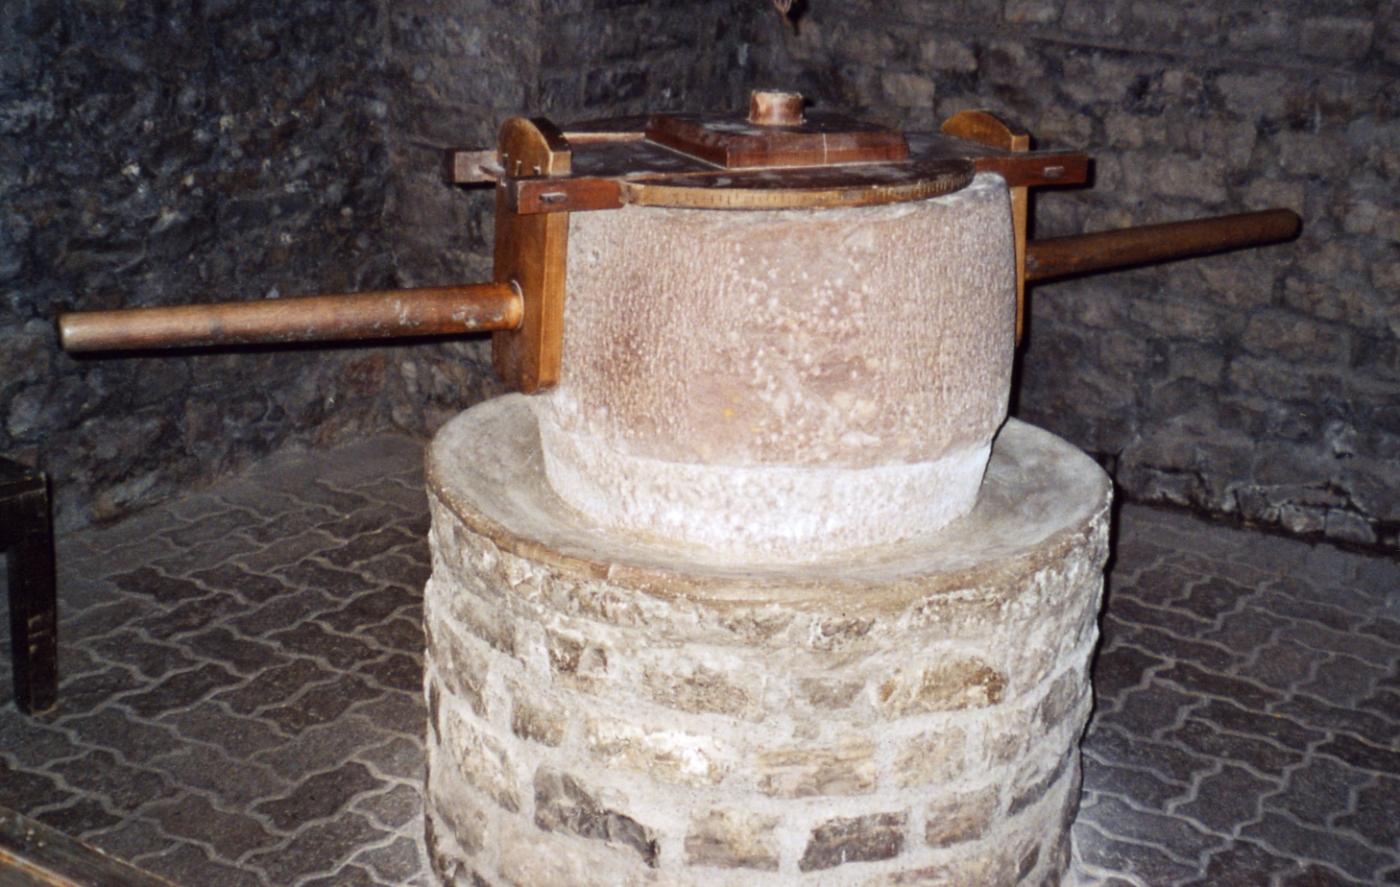 Ремонт ручной турецкой мельницы своими руками